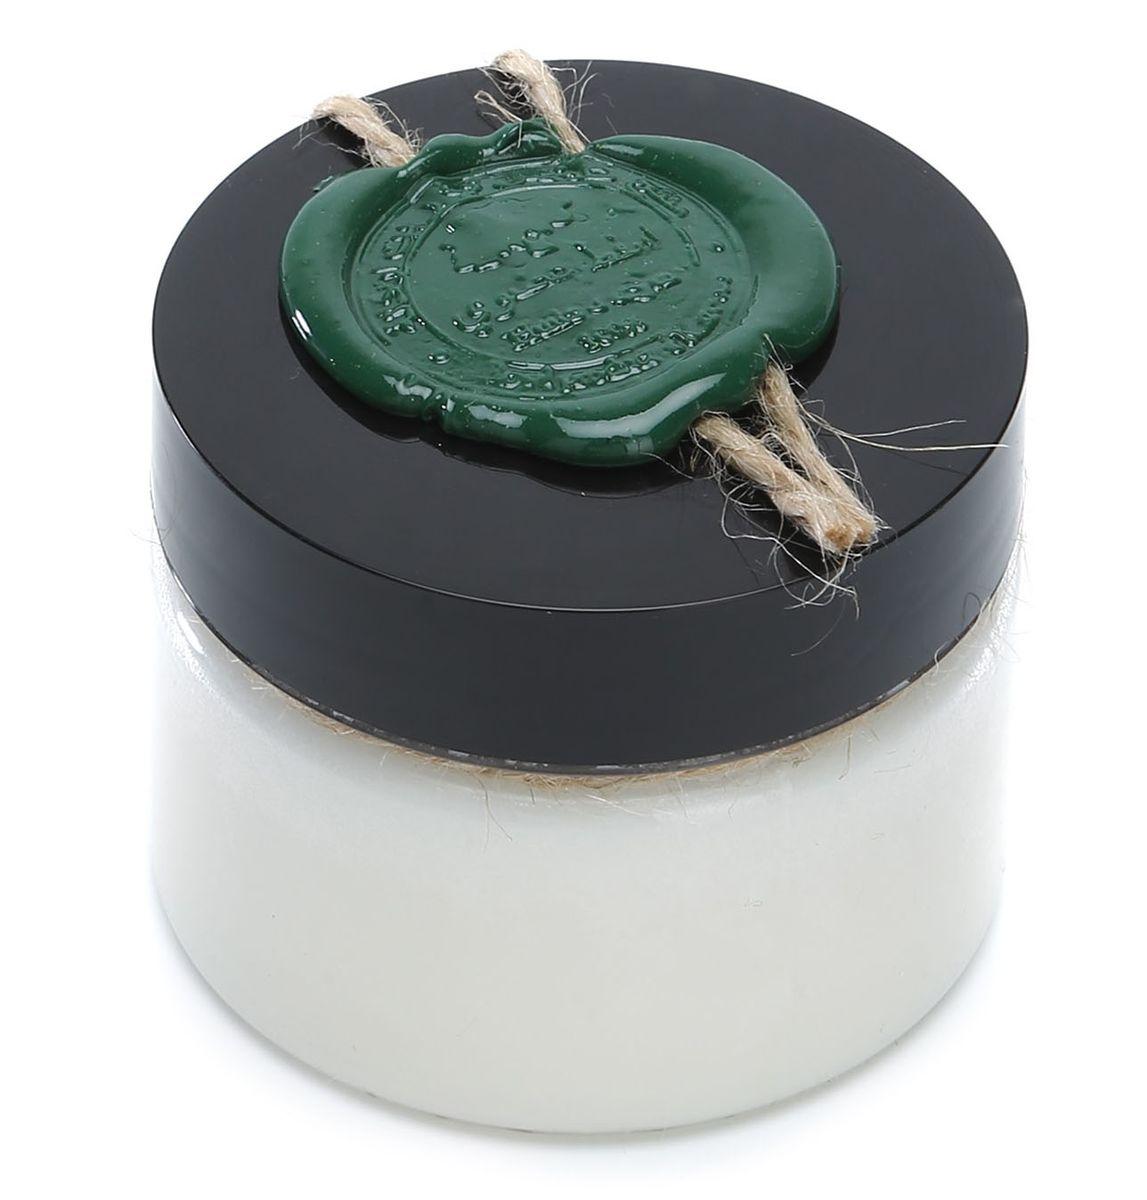 Huilargan Кокос масло, 100% органическое, 100 г2990000004147Кокосовое масло не содержит холестерина - единственное масло, которое содержит 92% насыщенных жирных кислот, то есть не допускает образование свободных радикалов и транс жиров. Кокосовое масло устойчиво к разрушению и имеет большой срок годности. Оно устойчиво к действию света, воздуха и тепловой обработке. Более того, оно содержит большое количество антиоксидантов, что делает его лучшим маслом для сохранения и восстановления здоровья. Кокосовое масло просто незаменимо: при сухой, раздраженной и чувствительной коже; масло используется для лечения ран; эффективно при сухости и шелушении кожи, трещинах на локтях и пятках, ожогах; повышает упругость и эластичность кожи, прекрасно подходит для лечения и профилактики целлюлита; Предохраняет кожу от обвисания при стремительном похудении, в том числе после родов; До и после принятия солнечных ванн - оно создает устойчивый защитный слой; Для ухода за волосами - прекрасно увлажняет волосы и кожу головы, избавляет от перхоти и сечения. ...